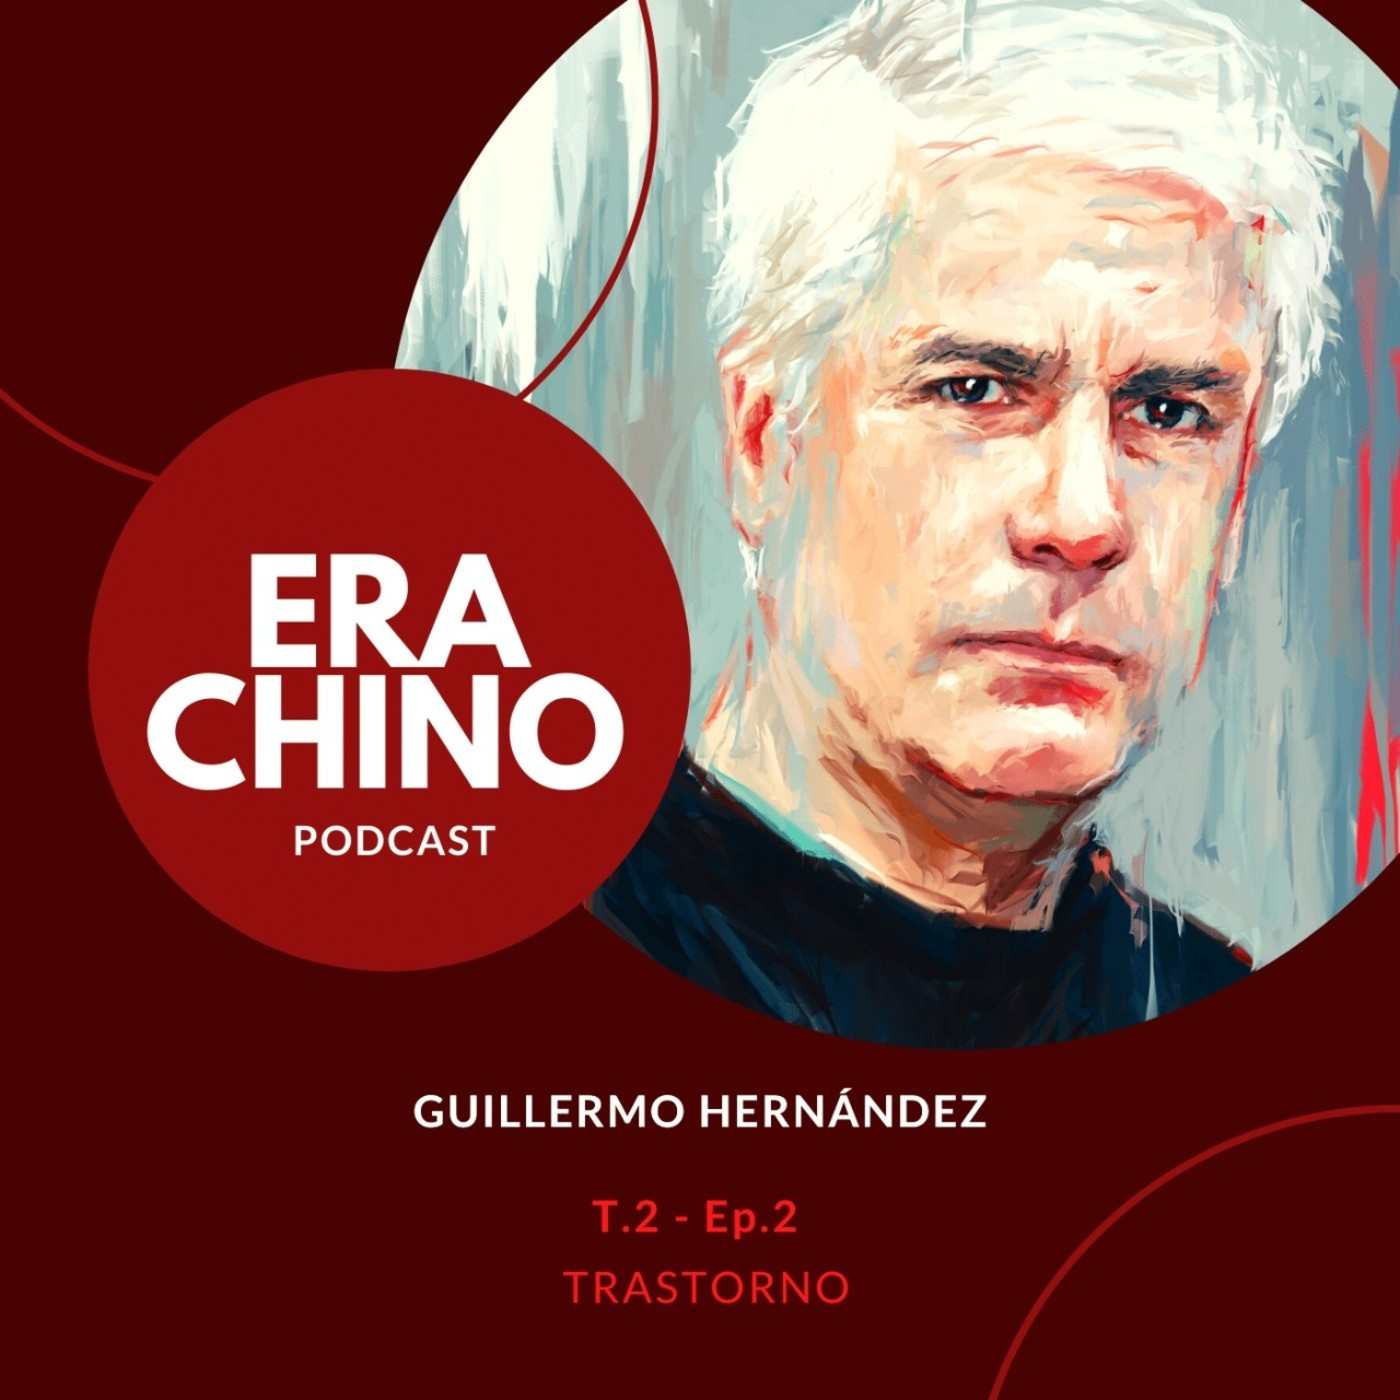 Era Chino T02E02 : Trastorno.